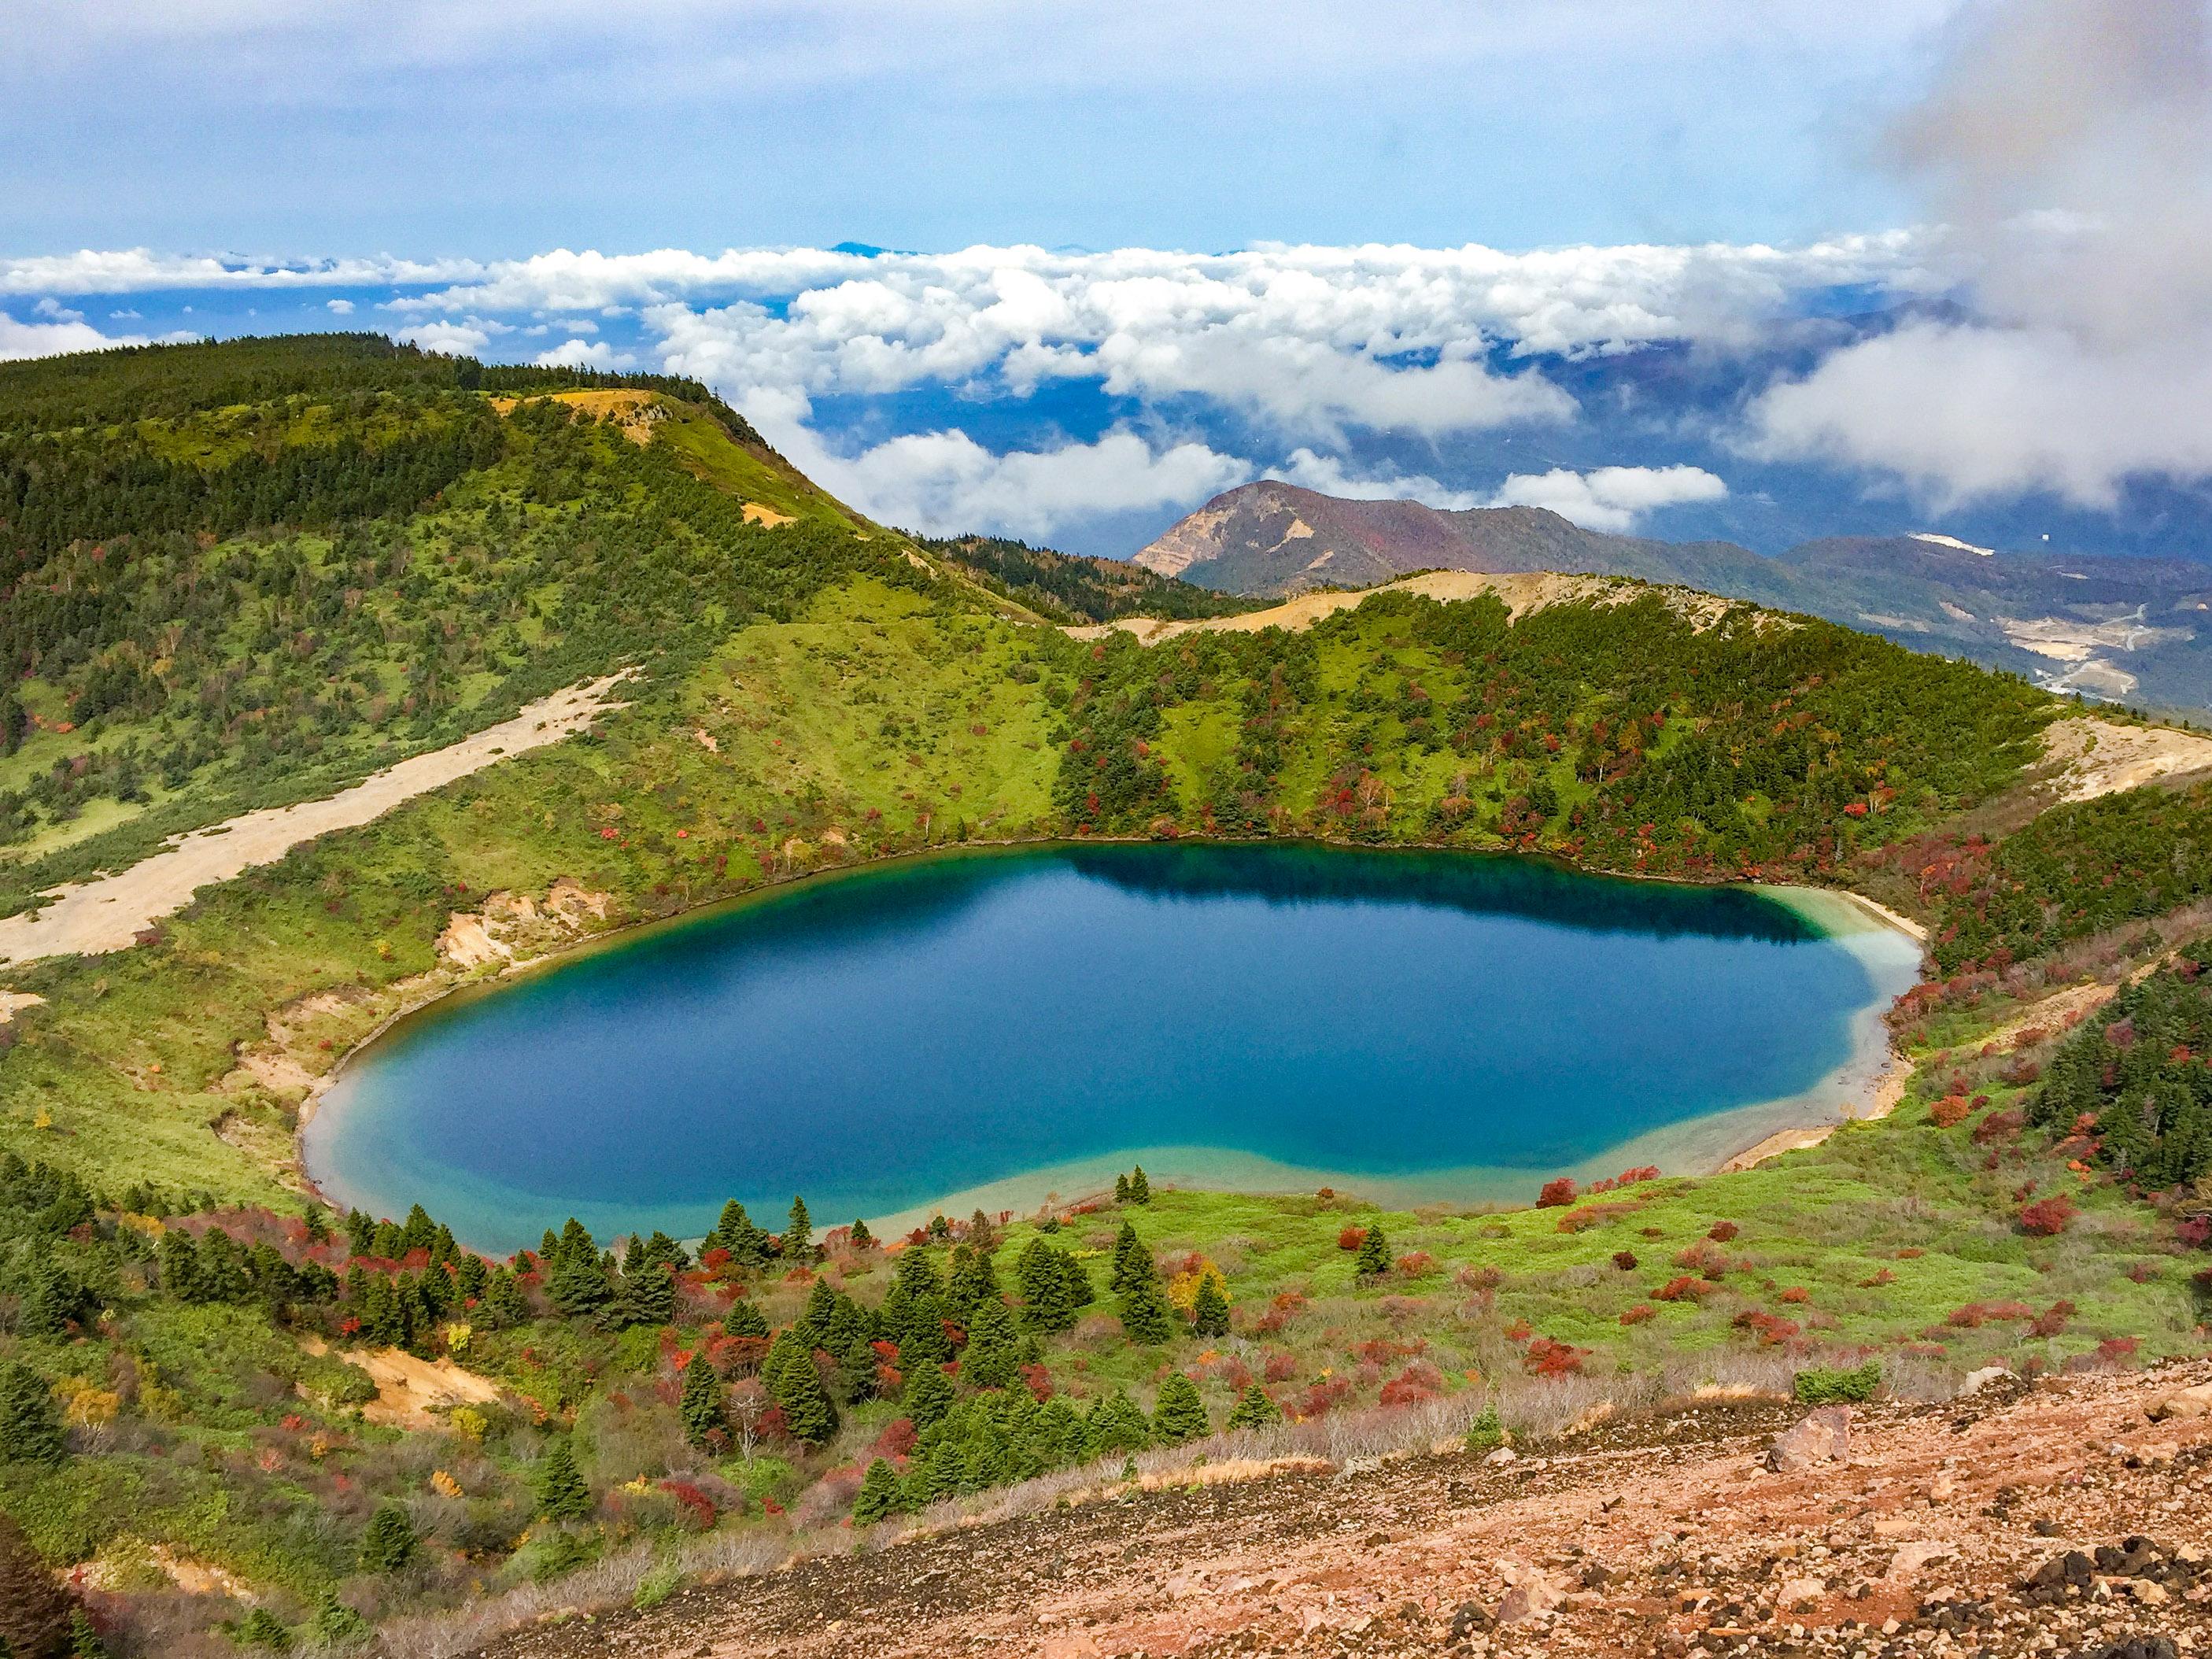 白布温泉と新野地温泉 <br>天元台高原と吾妻連峰ハイキング 3日間